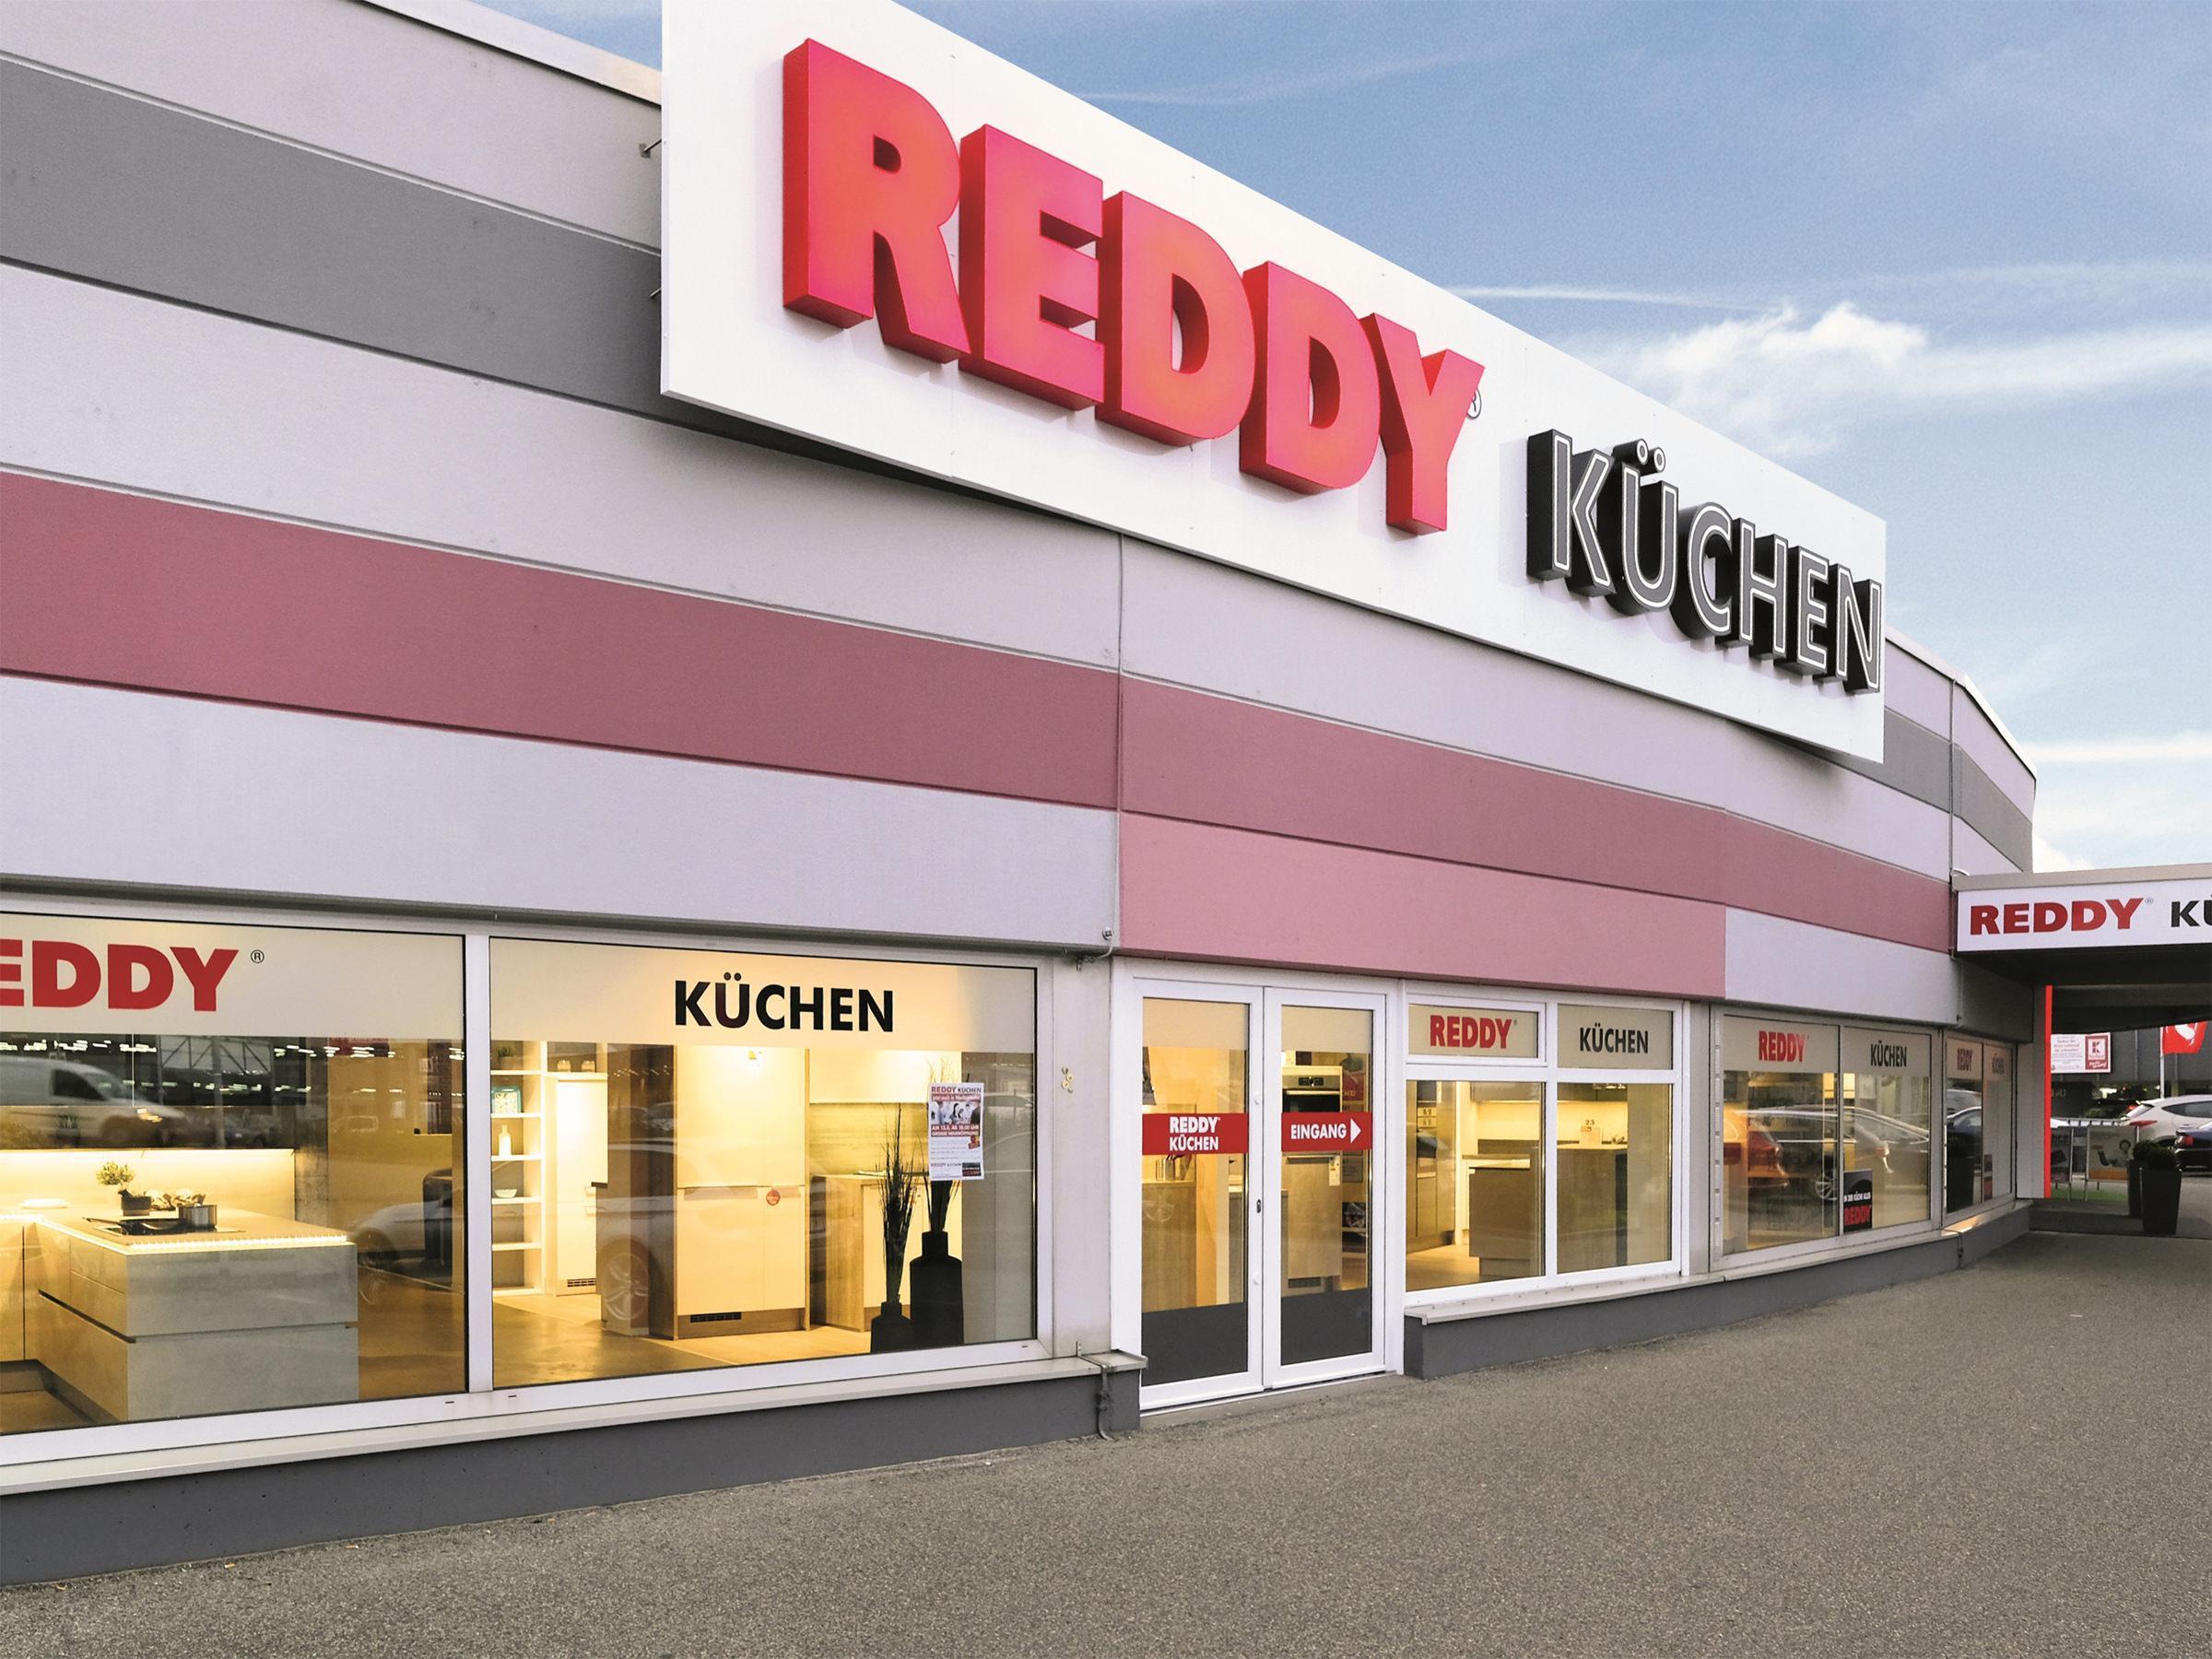 REDDY Küchen Neckarsulm: Tolle Küchen & Top-Service